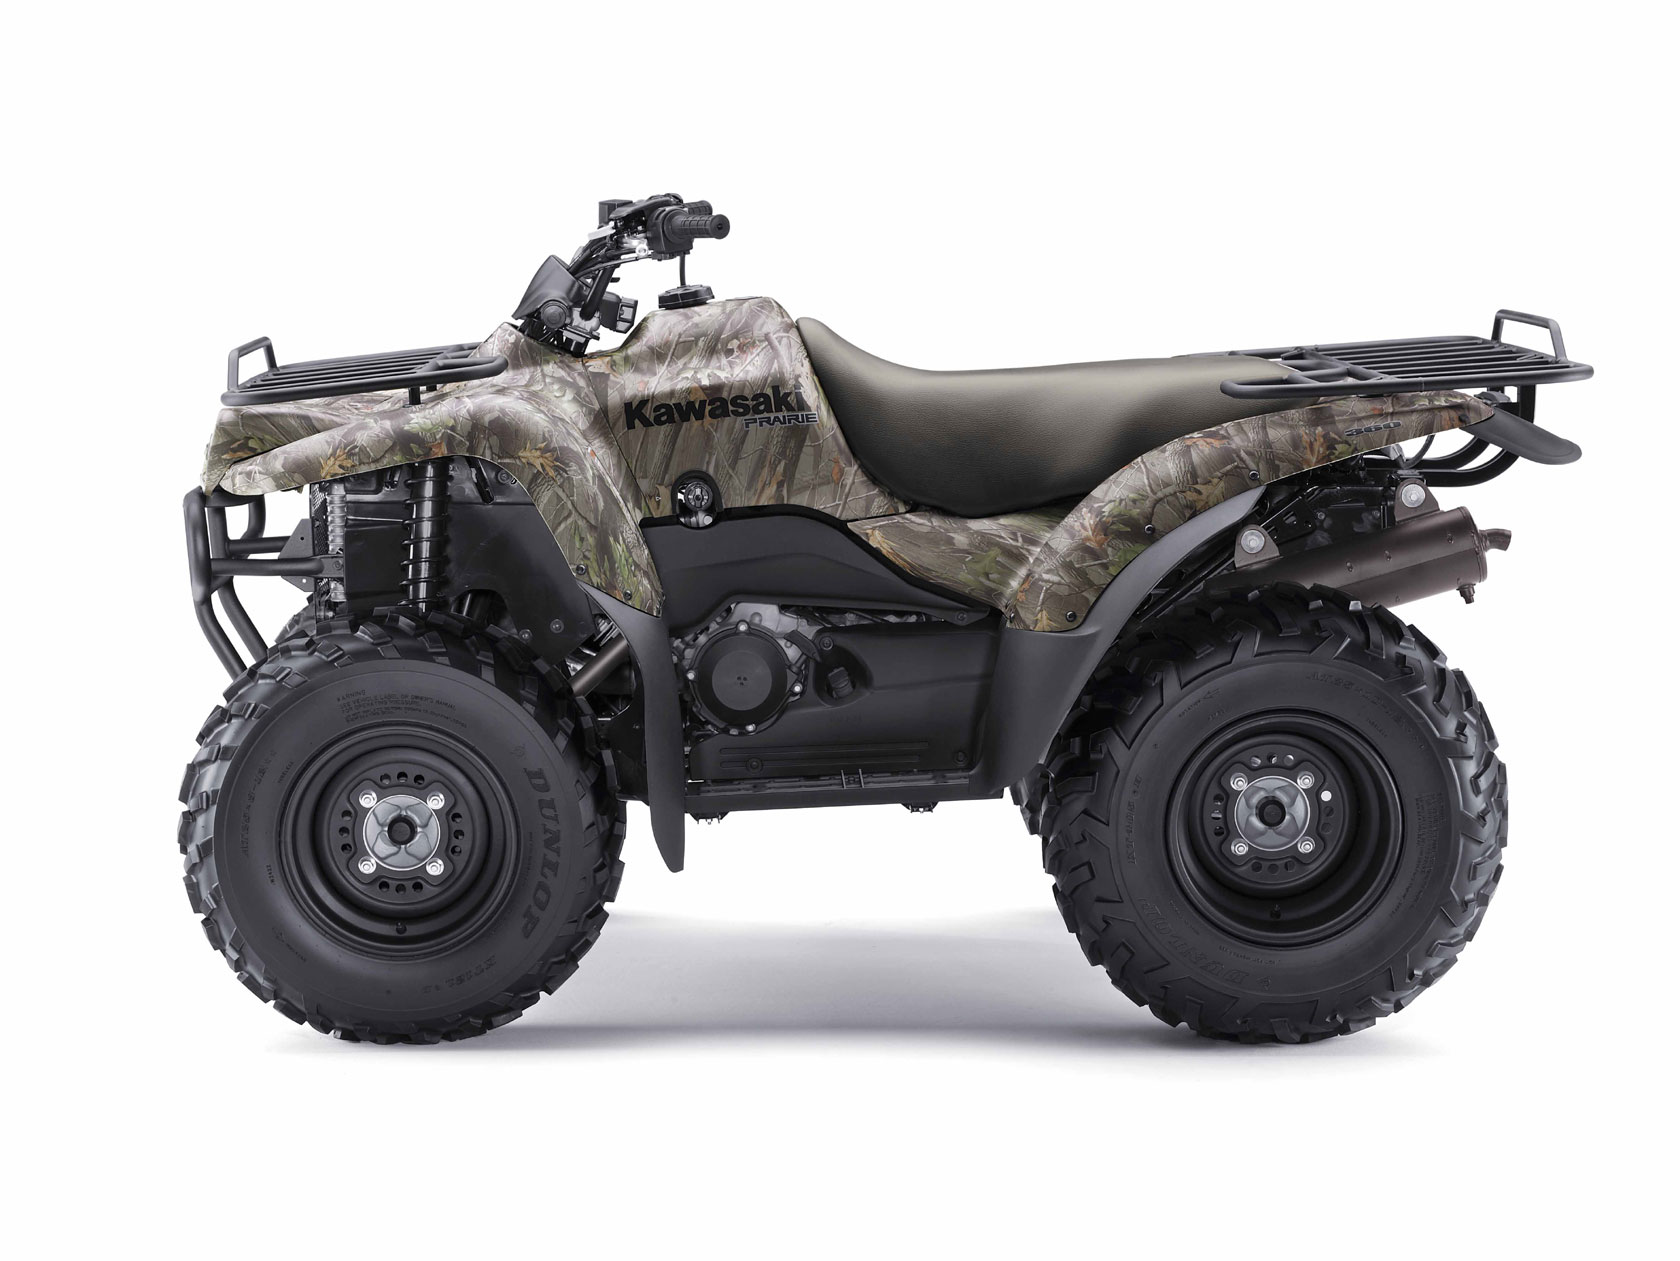 Kawasaki Bayou X Engine